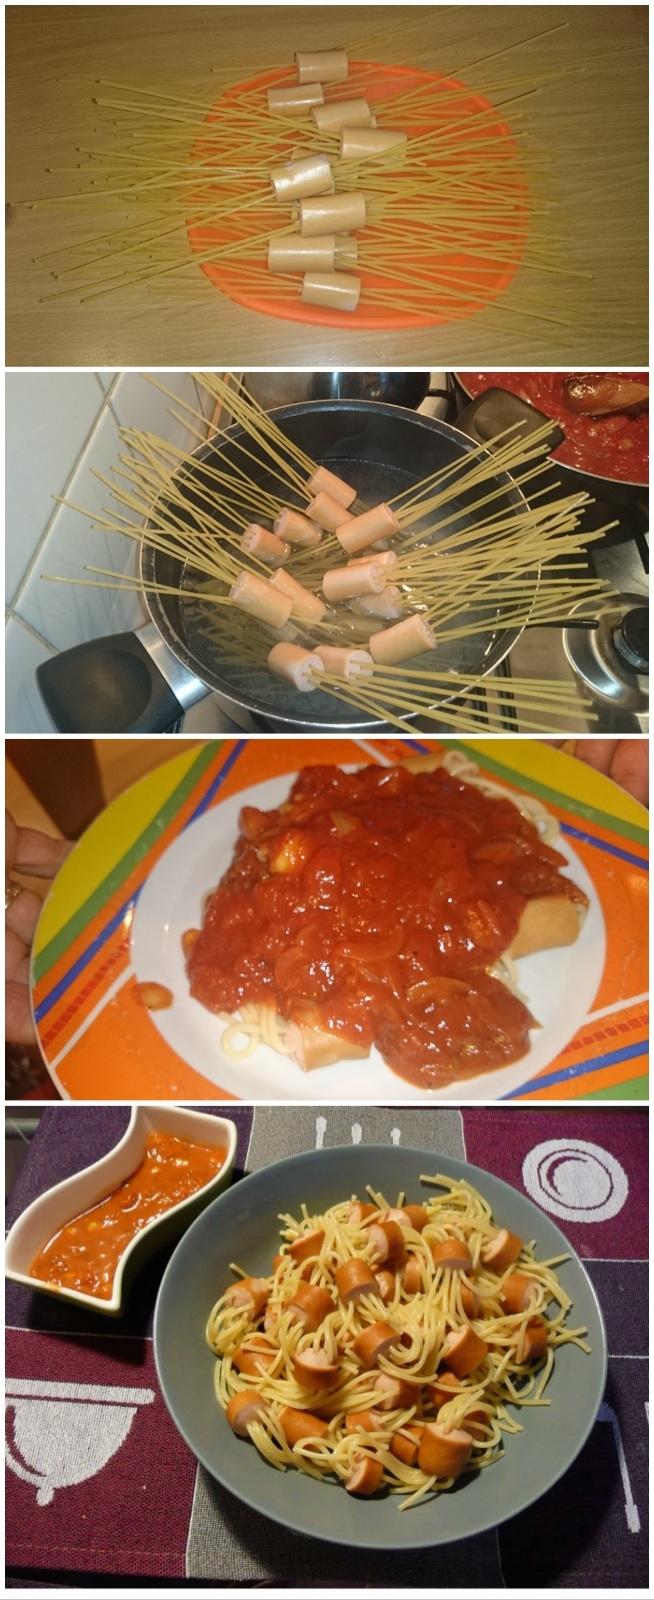 Nadziewamy parówki makaronem....SOS: cebula przesamażona, pomidory w puszce, czosnek, ketchup; PRZYPRAWY: oregano, pieprz, sol, cukier, curry, bazylia. dwie dwersje podawania: dwa talerze lub na jednym..:-) SMACZNEGO!!!